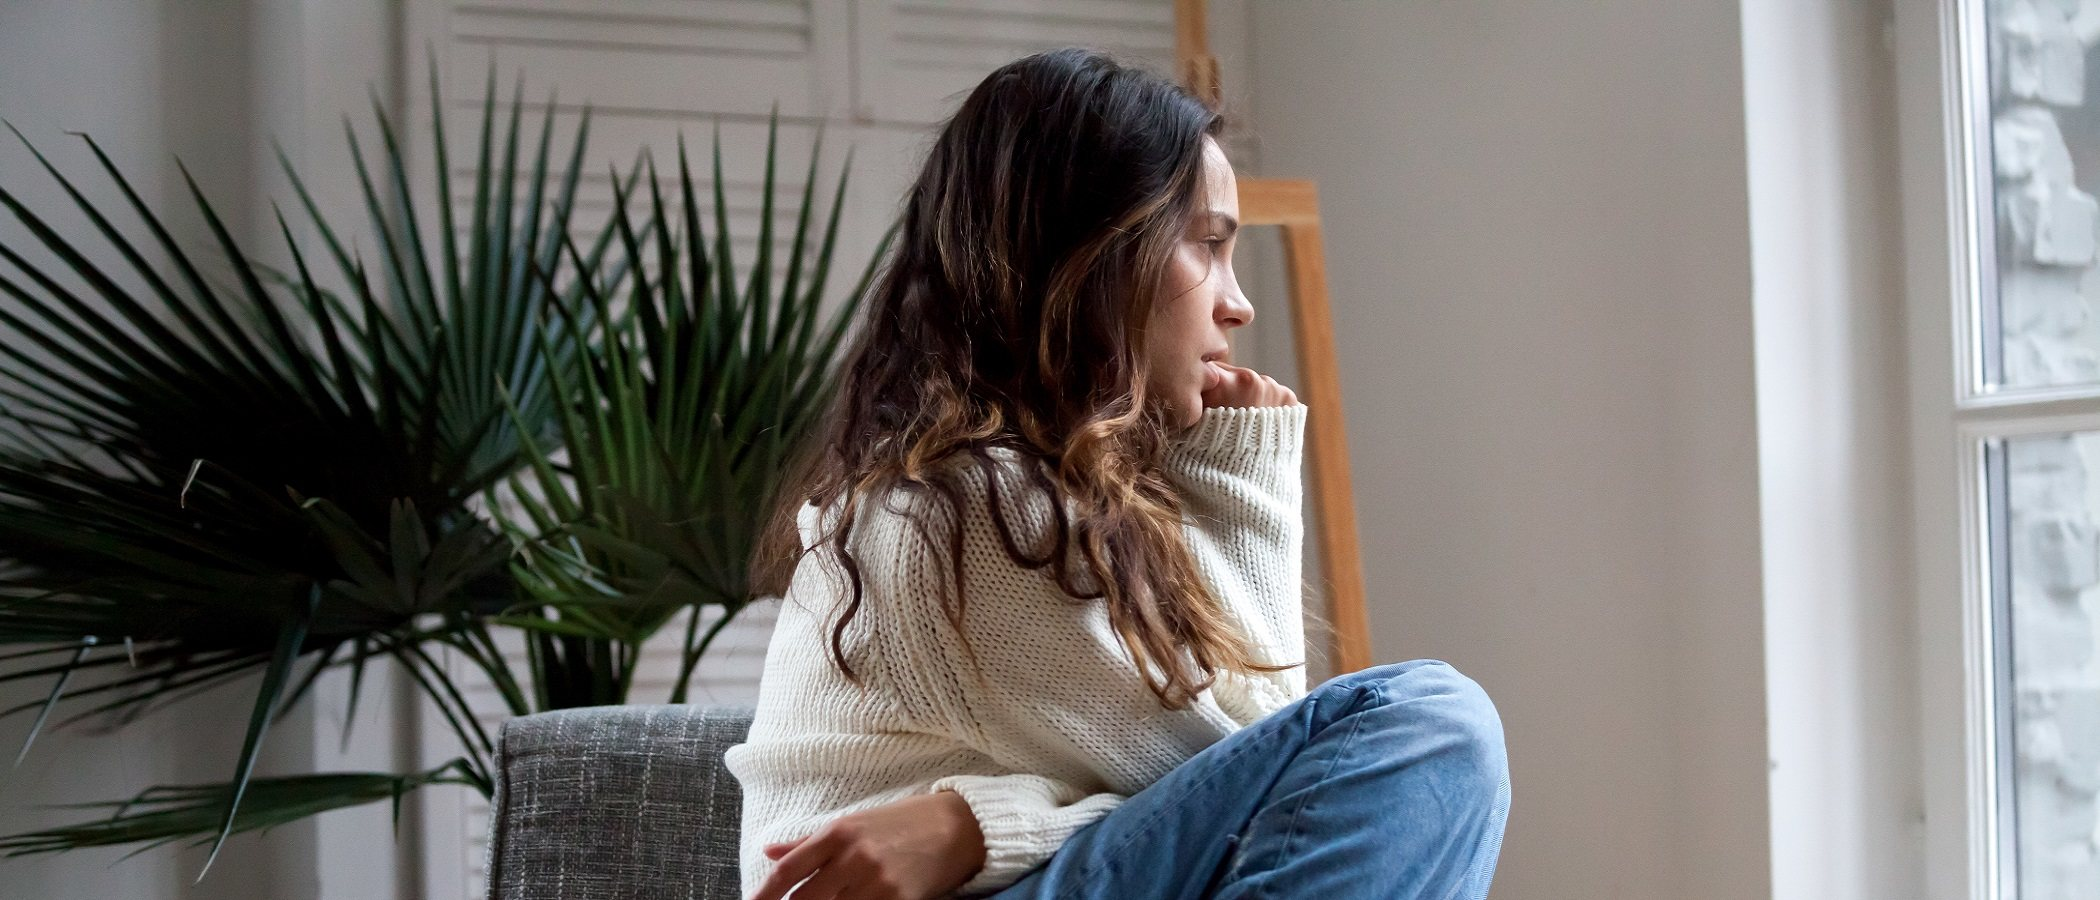 Trastornos de ansiedad y de depresión en los adolescentes